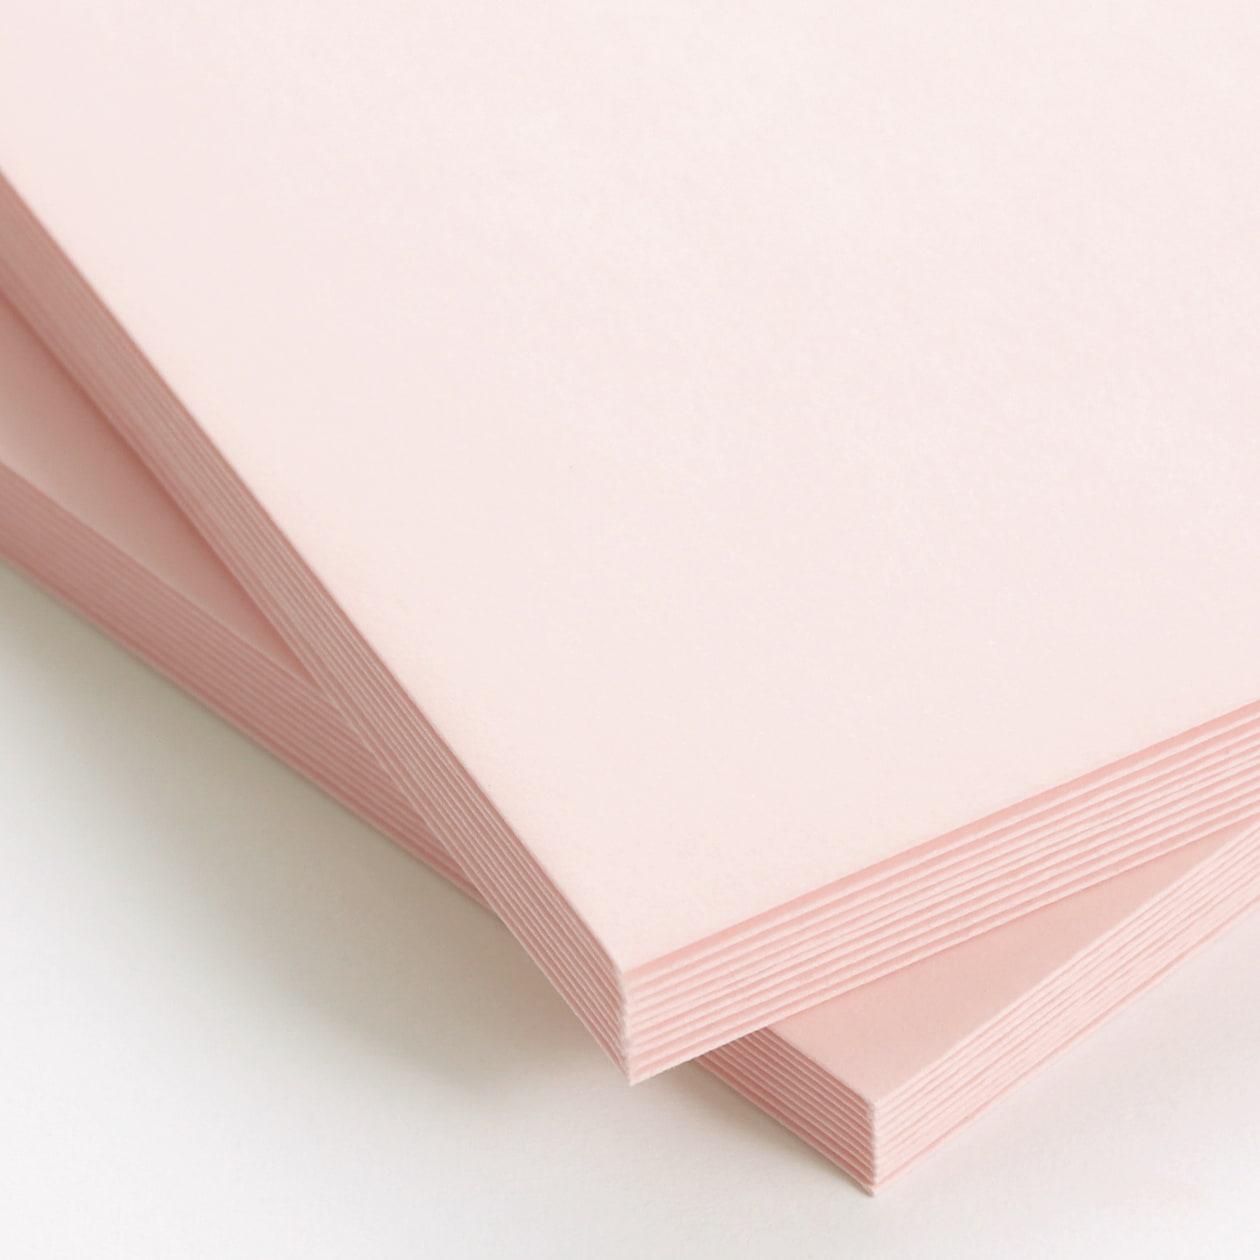 角3封筒 エコフレンドリーカラー さくらピンク 100g